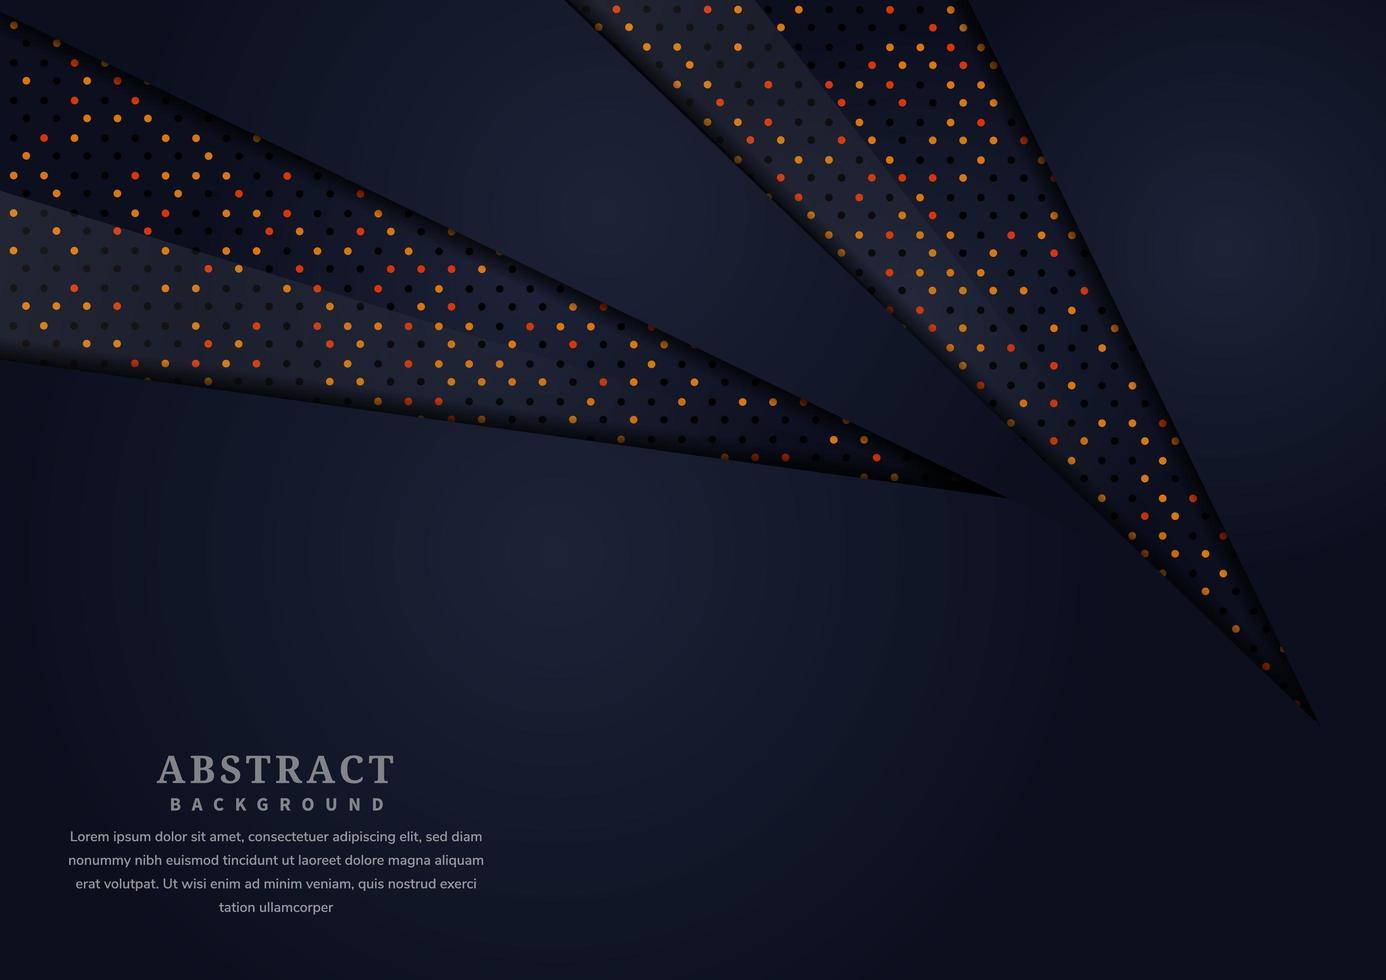 abstrakte dunkle ausgeschnittene Papierformen glitzern Hintergrund vektor